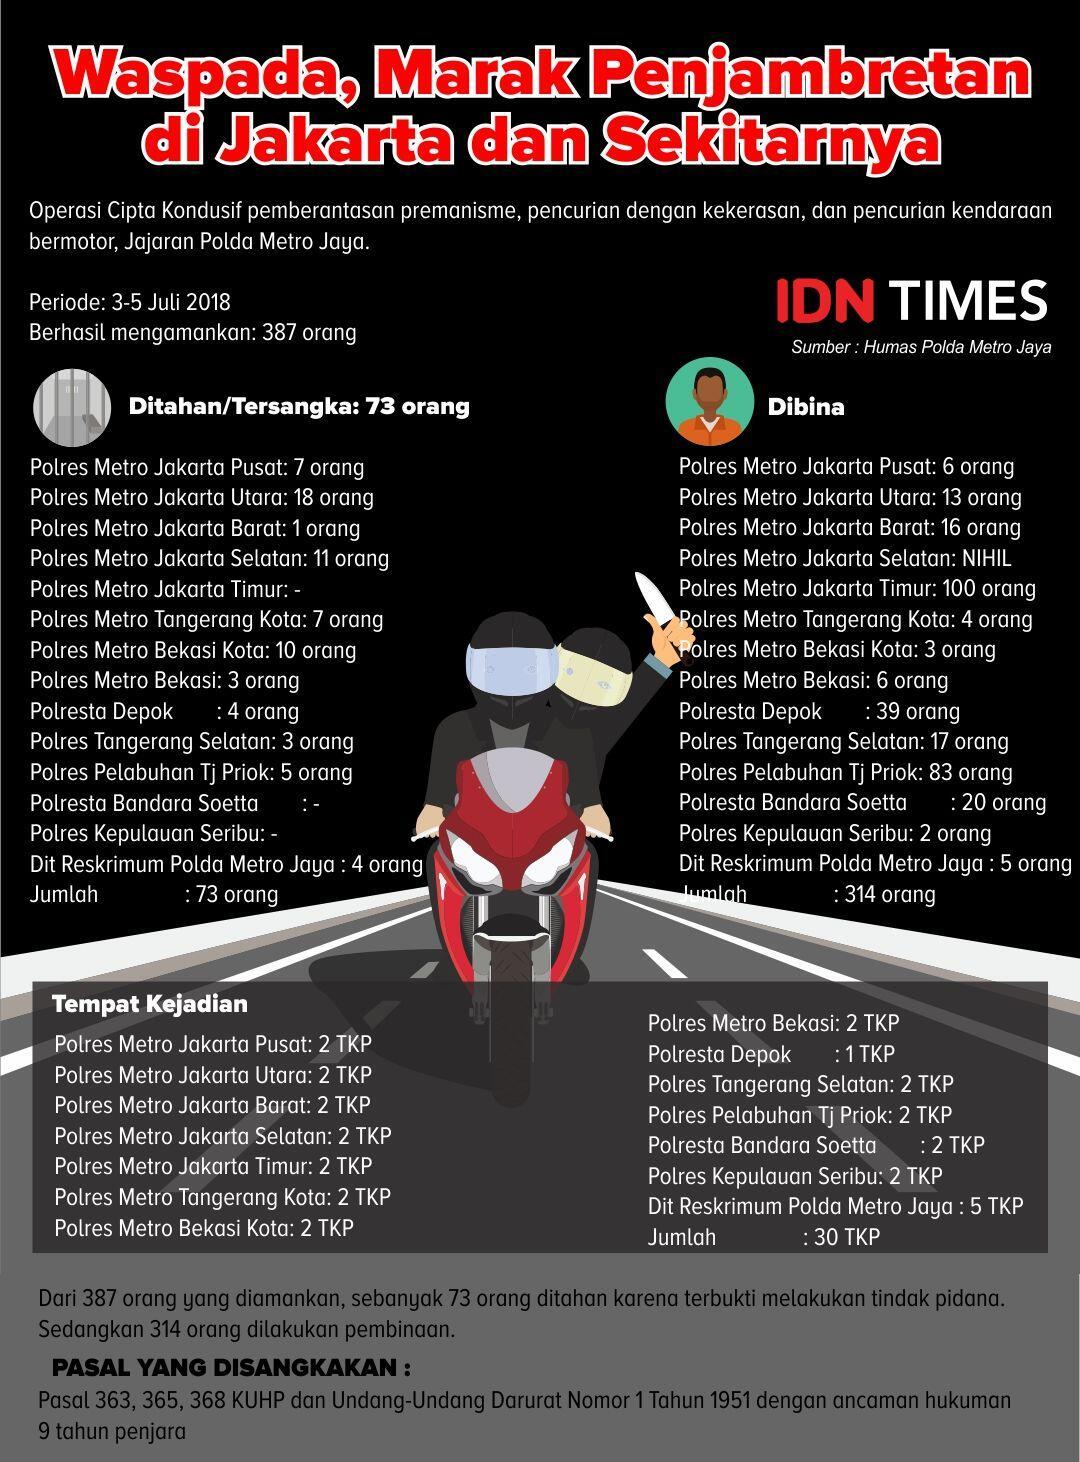 [INFOGRAFIS] Waspada, Marak Penjambretan di Jakarta!